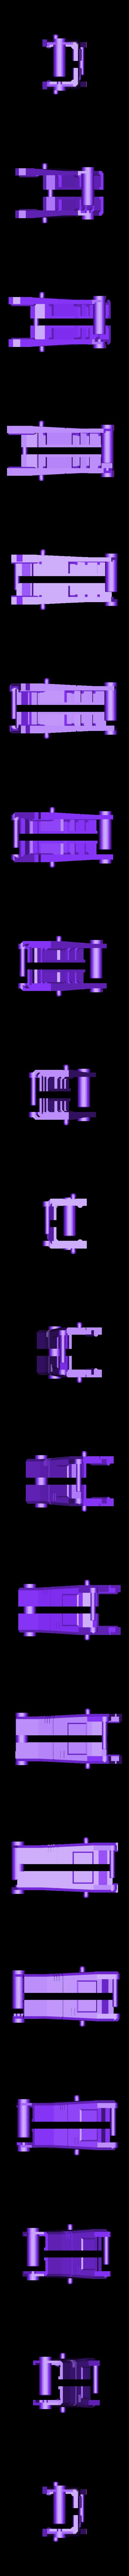 Thighleft1.stl Download STL file KO TFC Uranos Upgrade Kit IDW Ver • 3D printer object, Toymakr3D